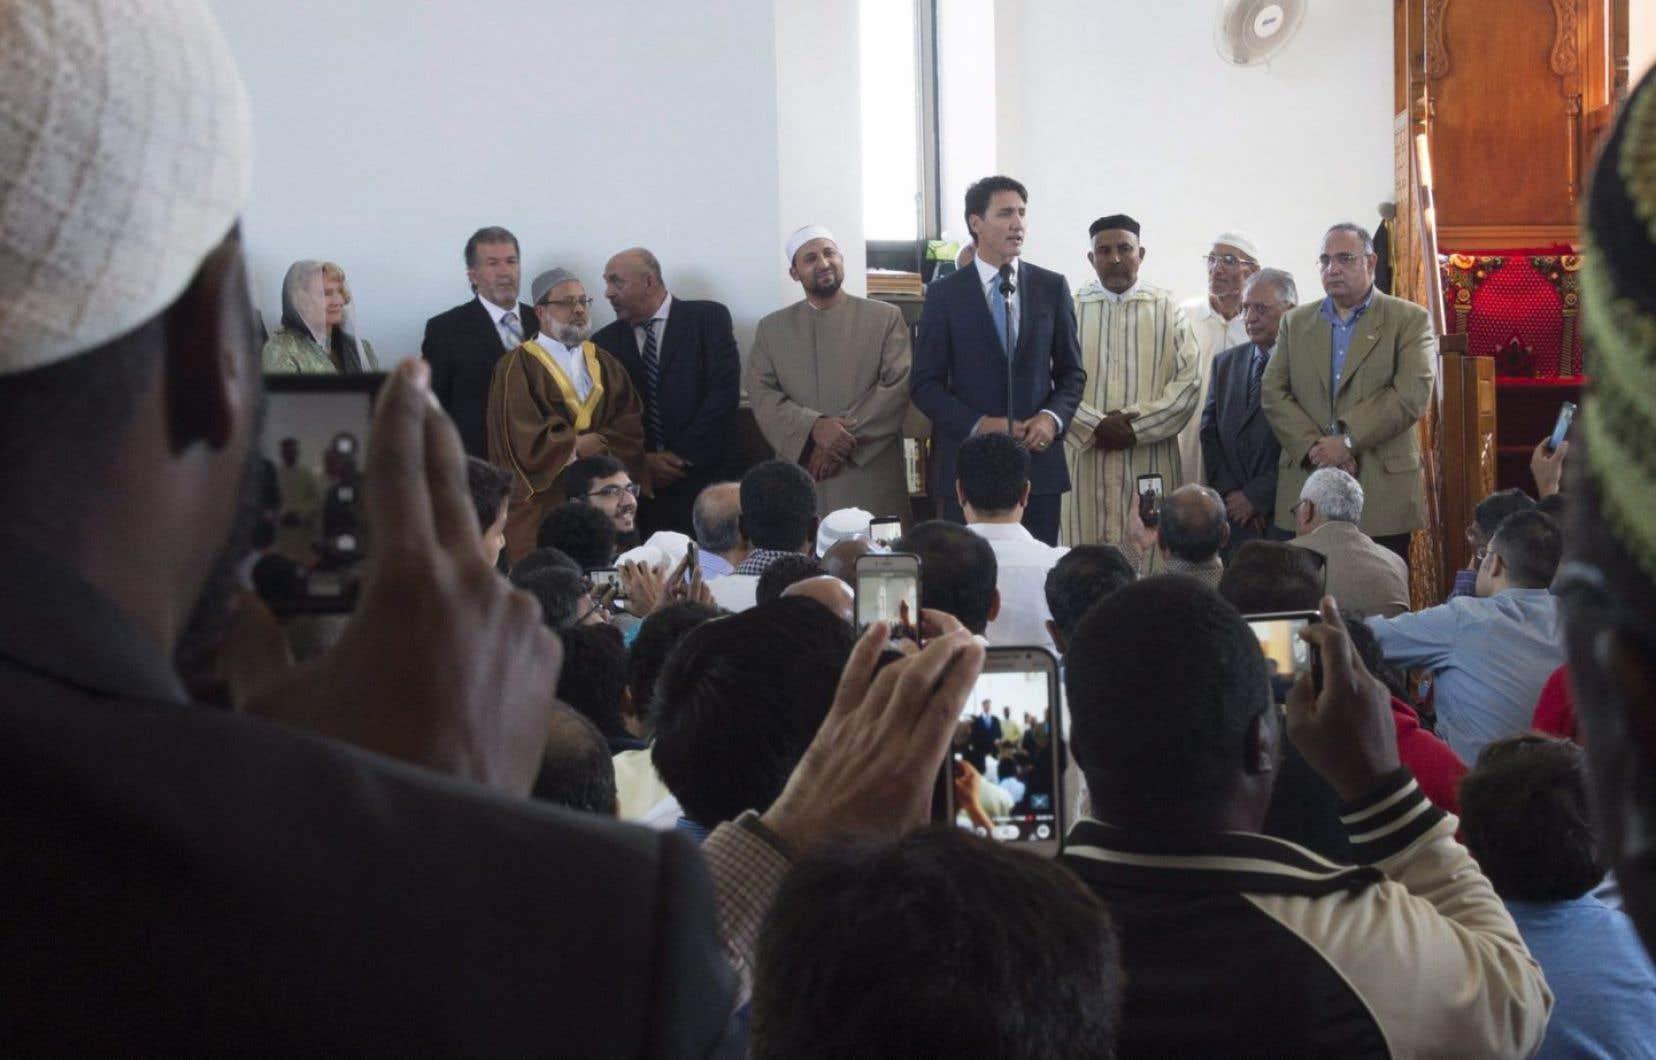 Justin Trudeau s'est rendu lundi à l'Ottawa Muslim Association pour prononcer quelques mots devant les musulmans réunis pour célébrer la fête du sacrifice.